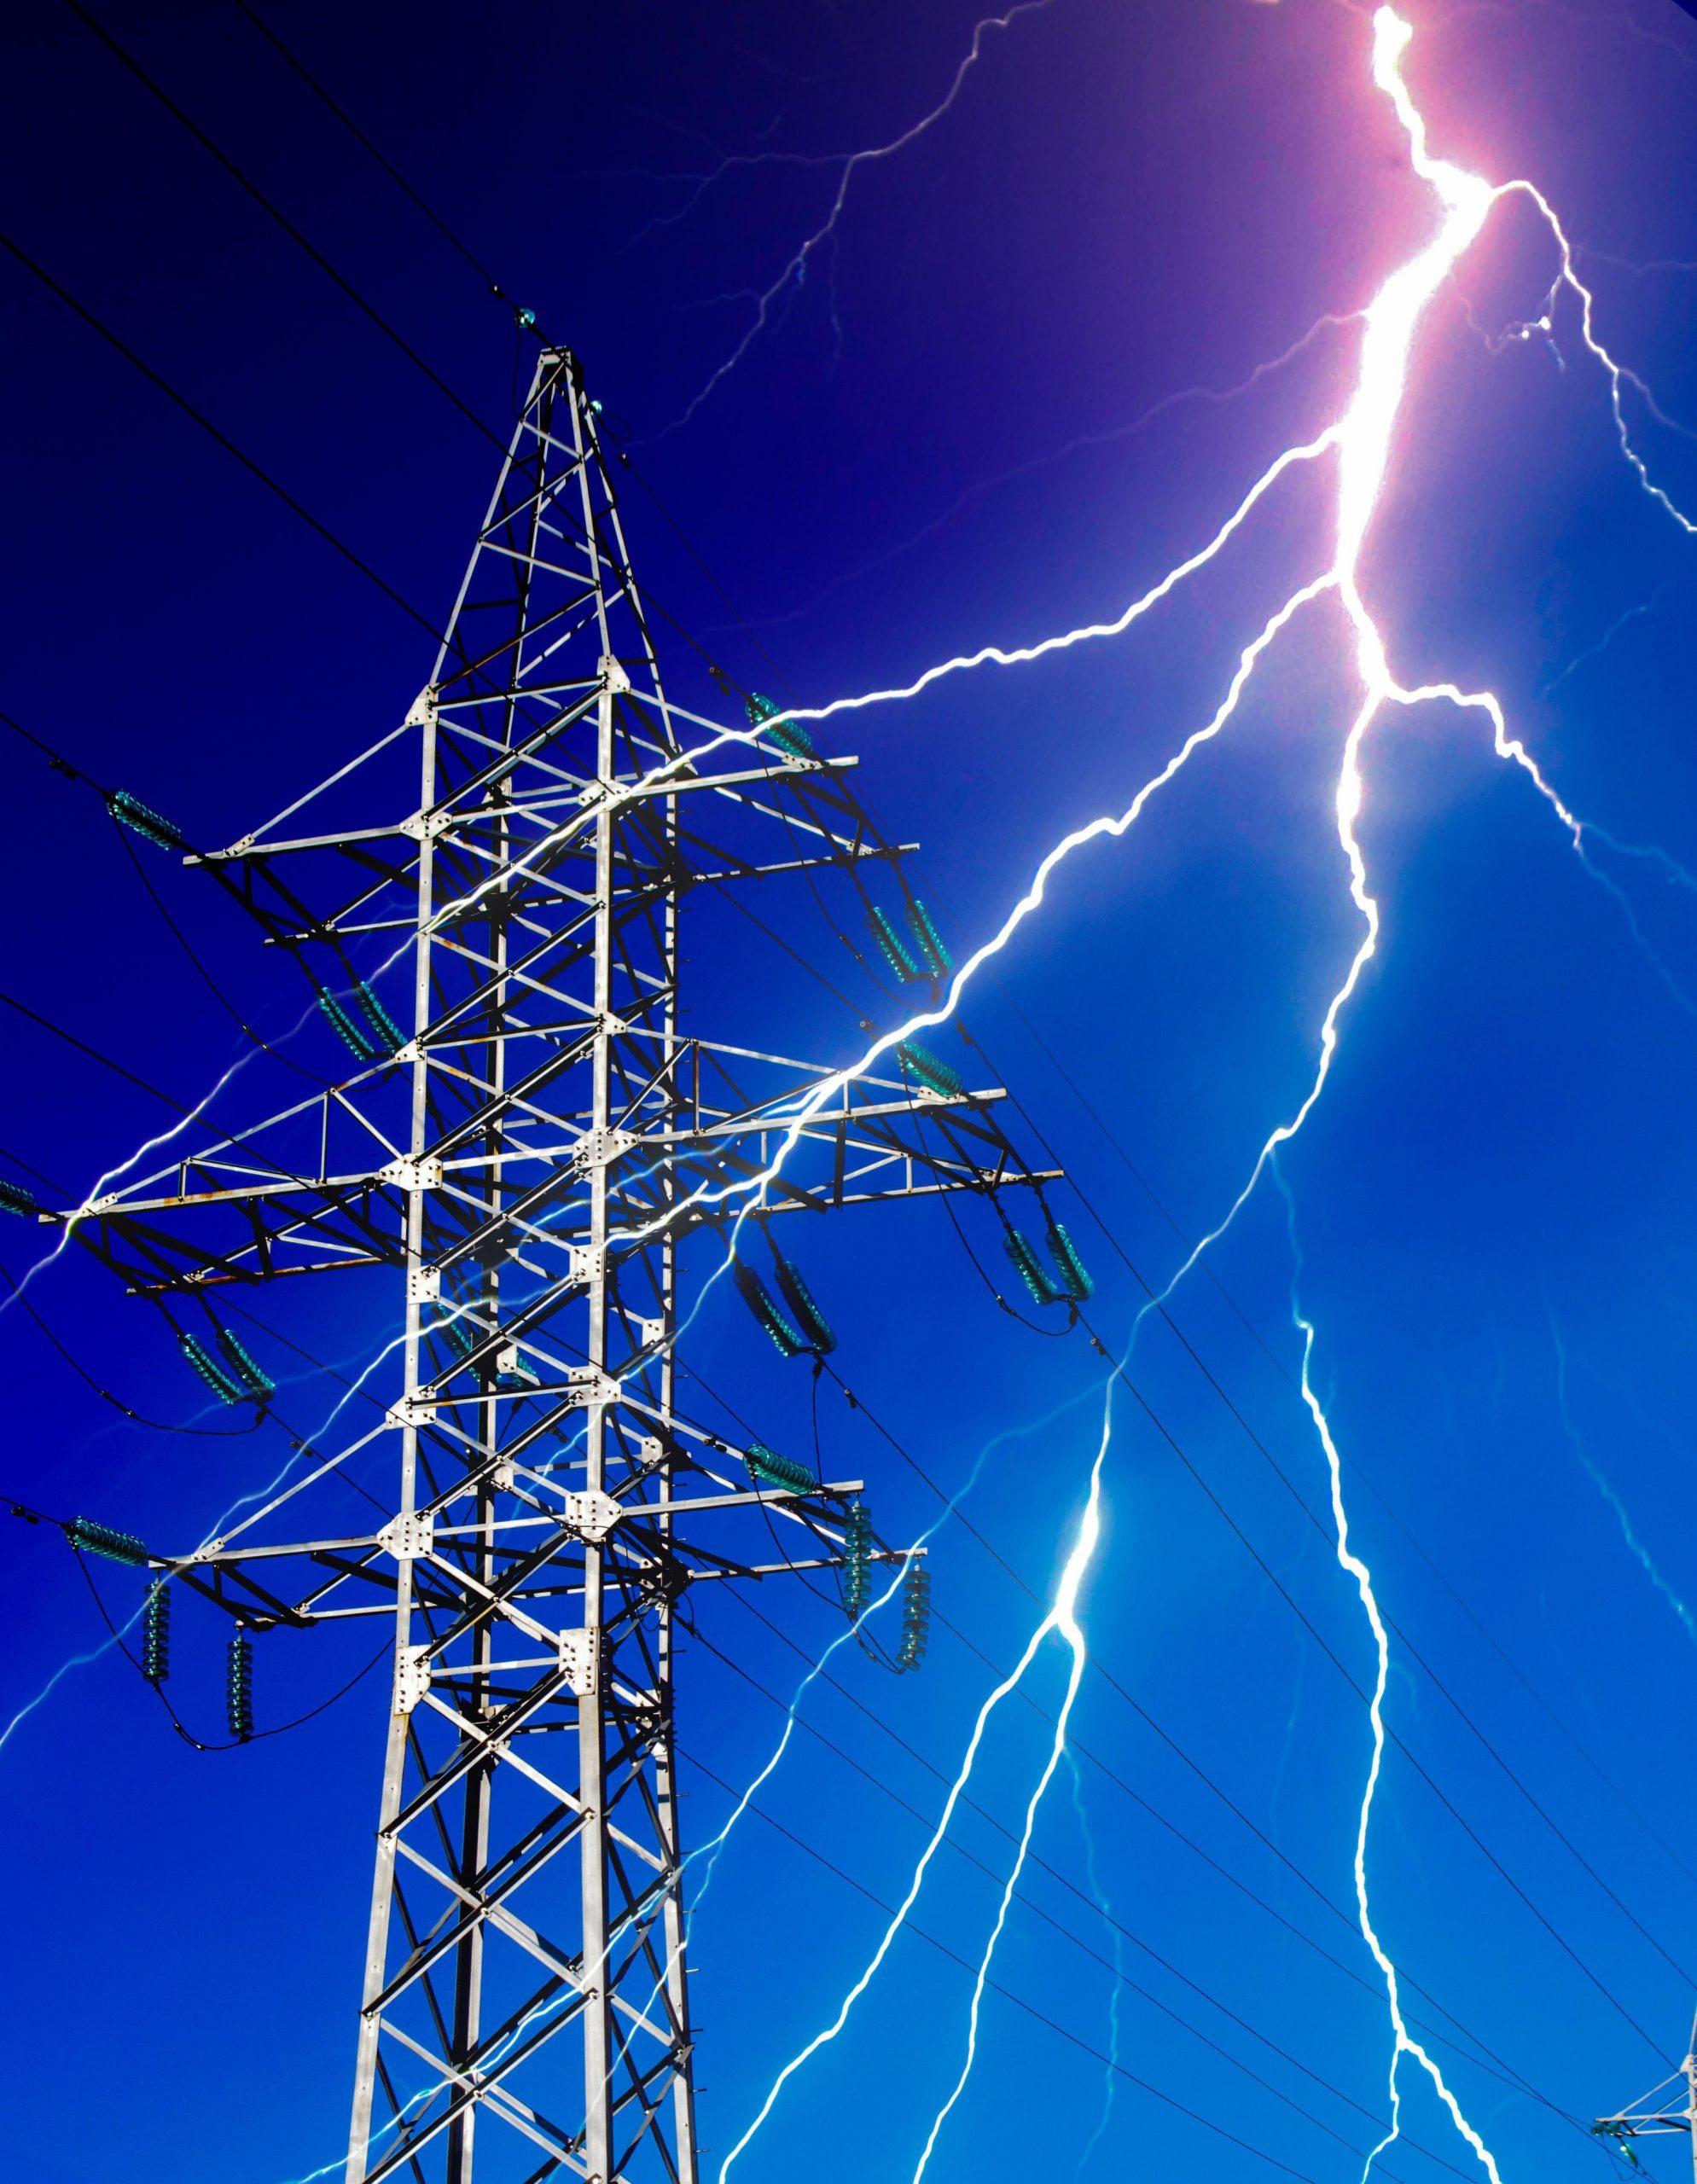 Аварии в энергосистеме привели к остановкам водопроводных насосных станций. Водоснабжение ряда городов нарушено.